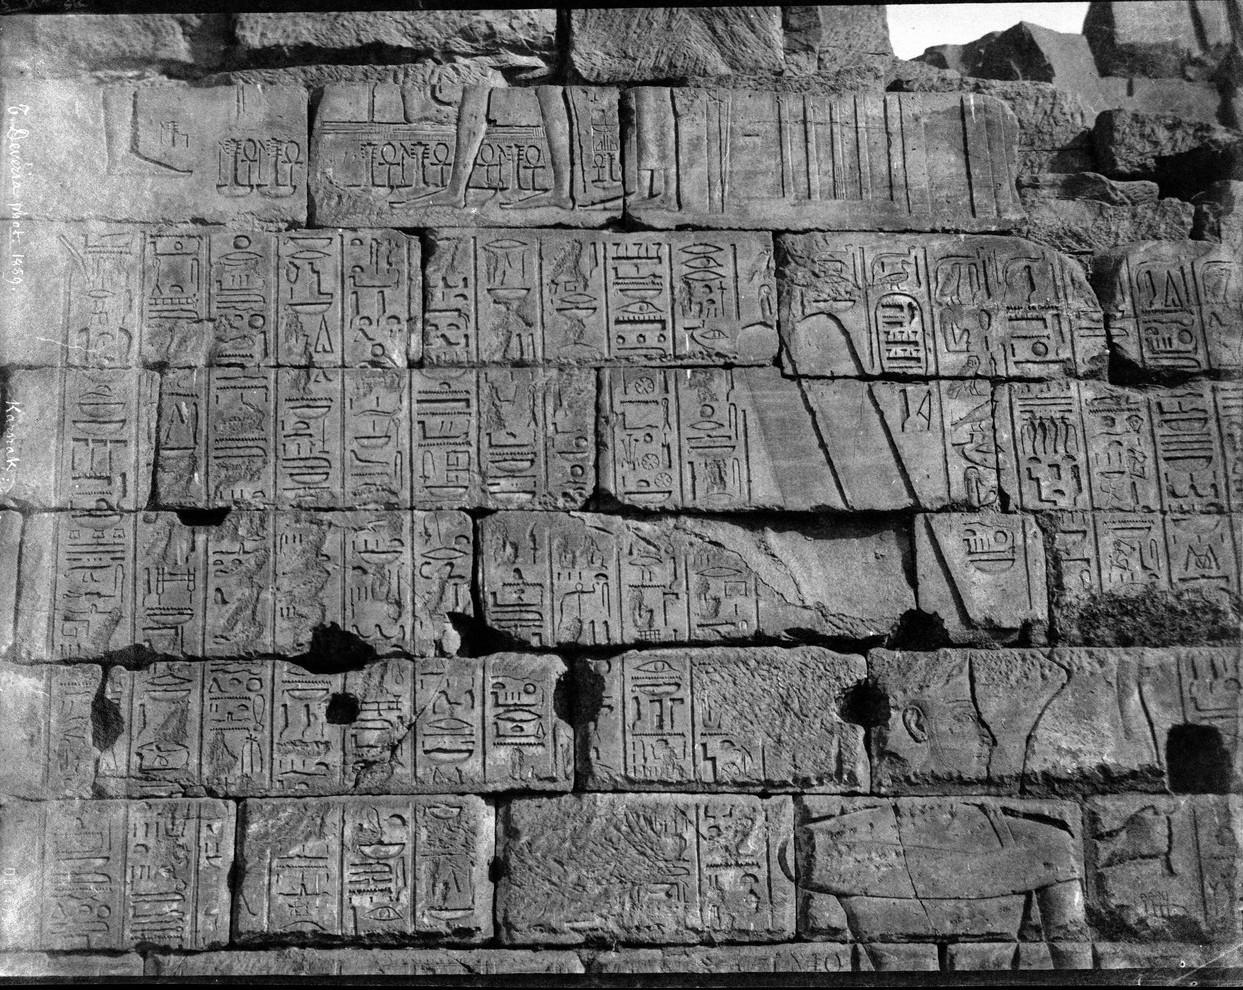 Карнак. Стена с барельефами и иероглифами